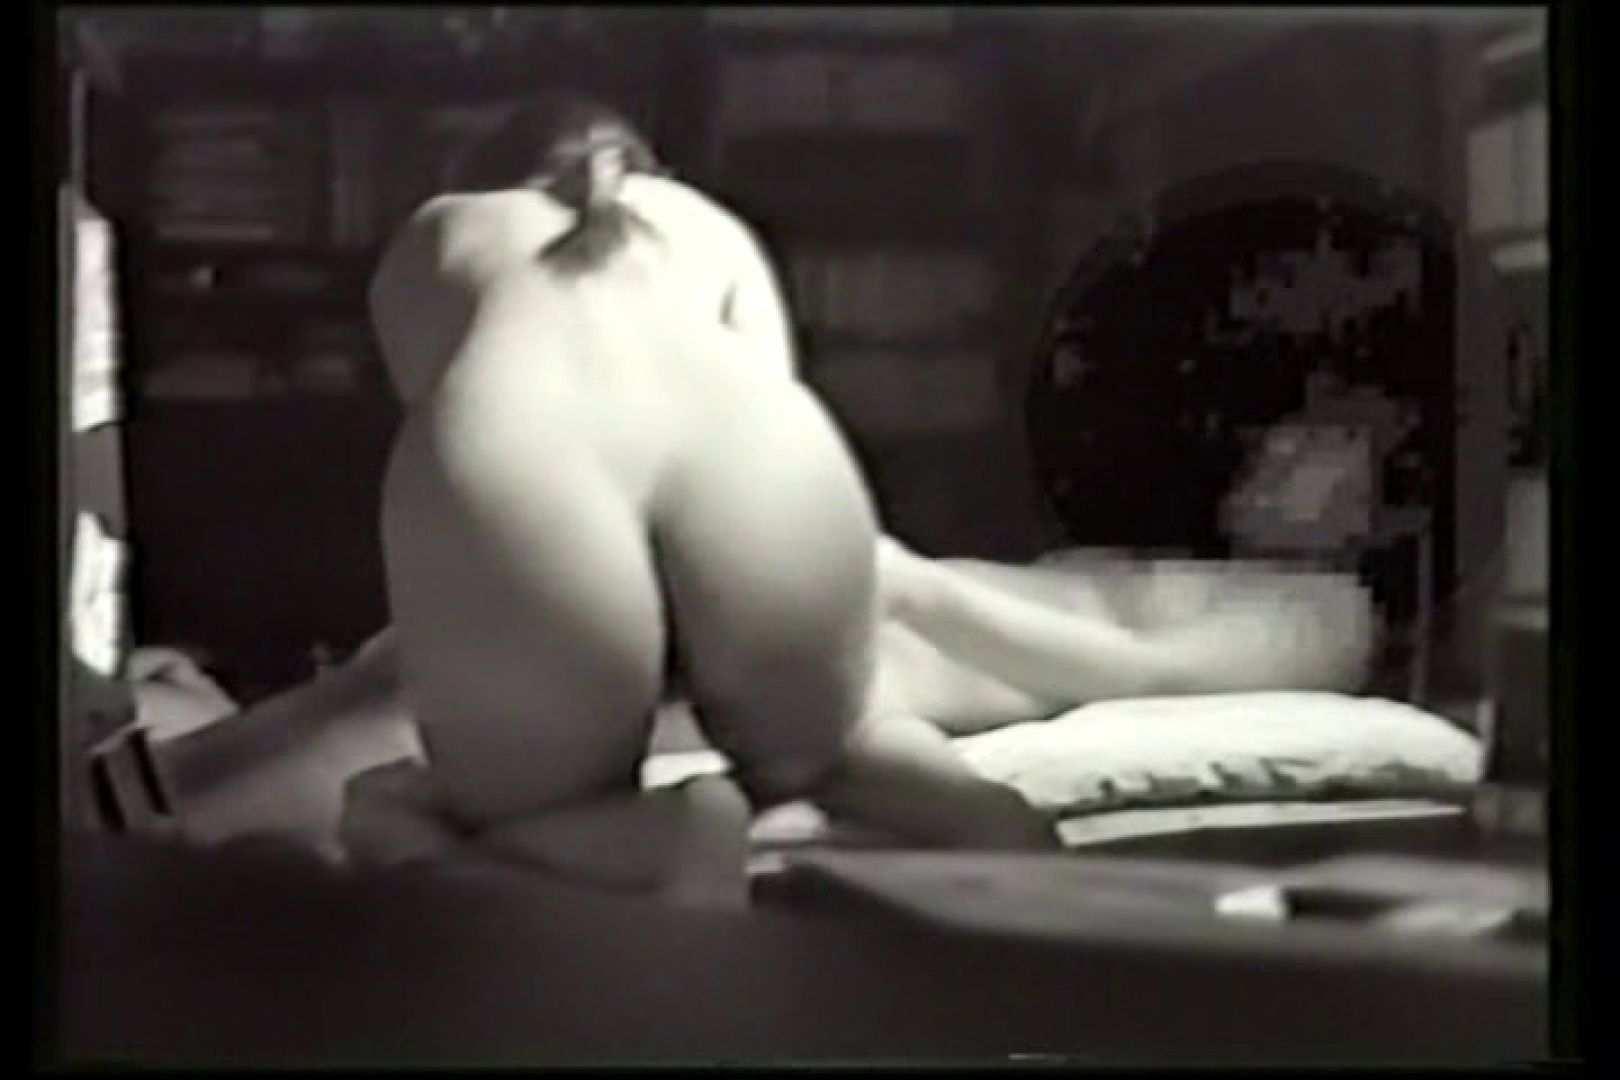 素人嬢をホテルに連れ込みアンナ事・コンナ事!?Vol.5 ホテル 盗撮ヌード画像 99画像 35